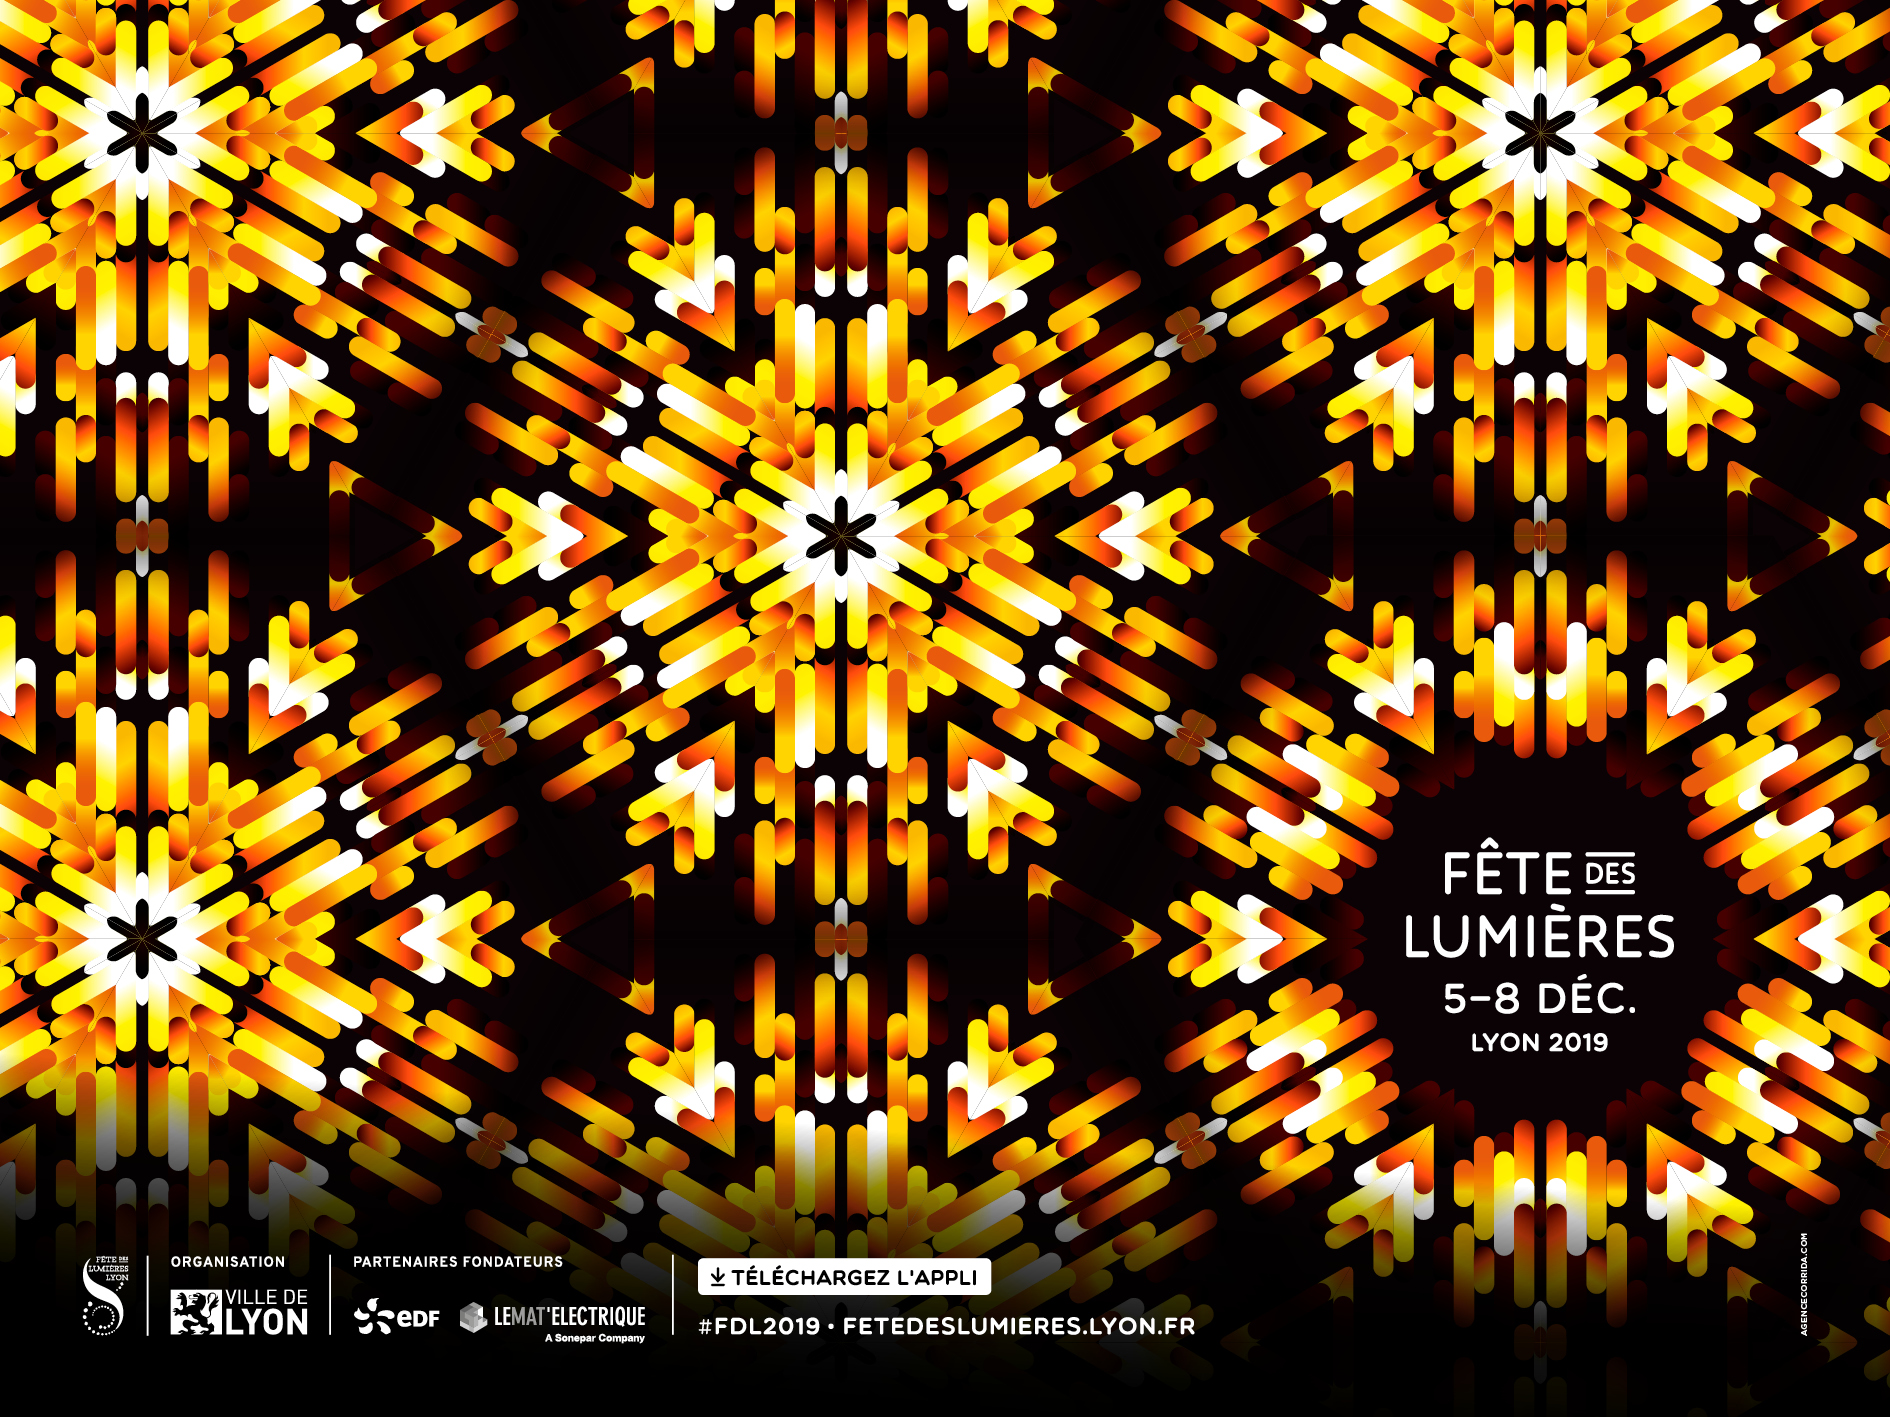 Charvet Digital Media partenaire officiel de la Fête des Lumières à Lyon